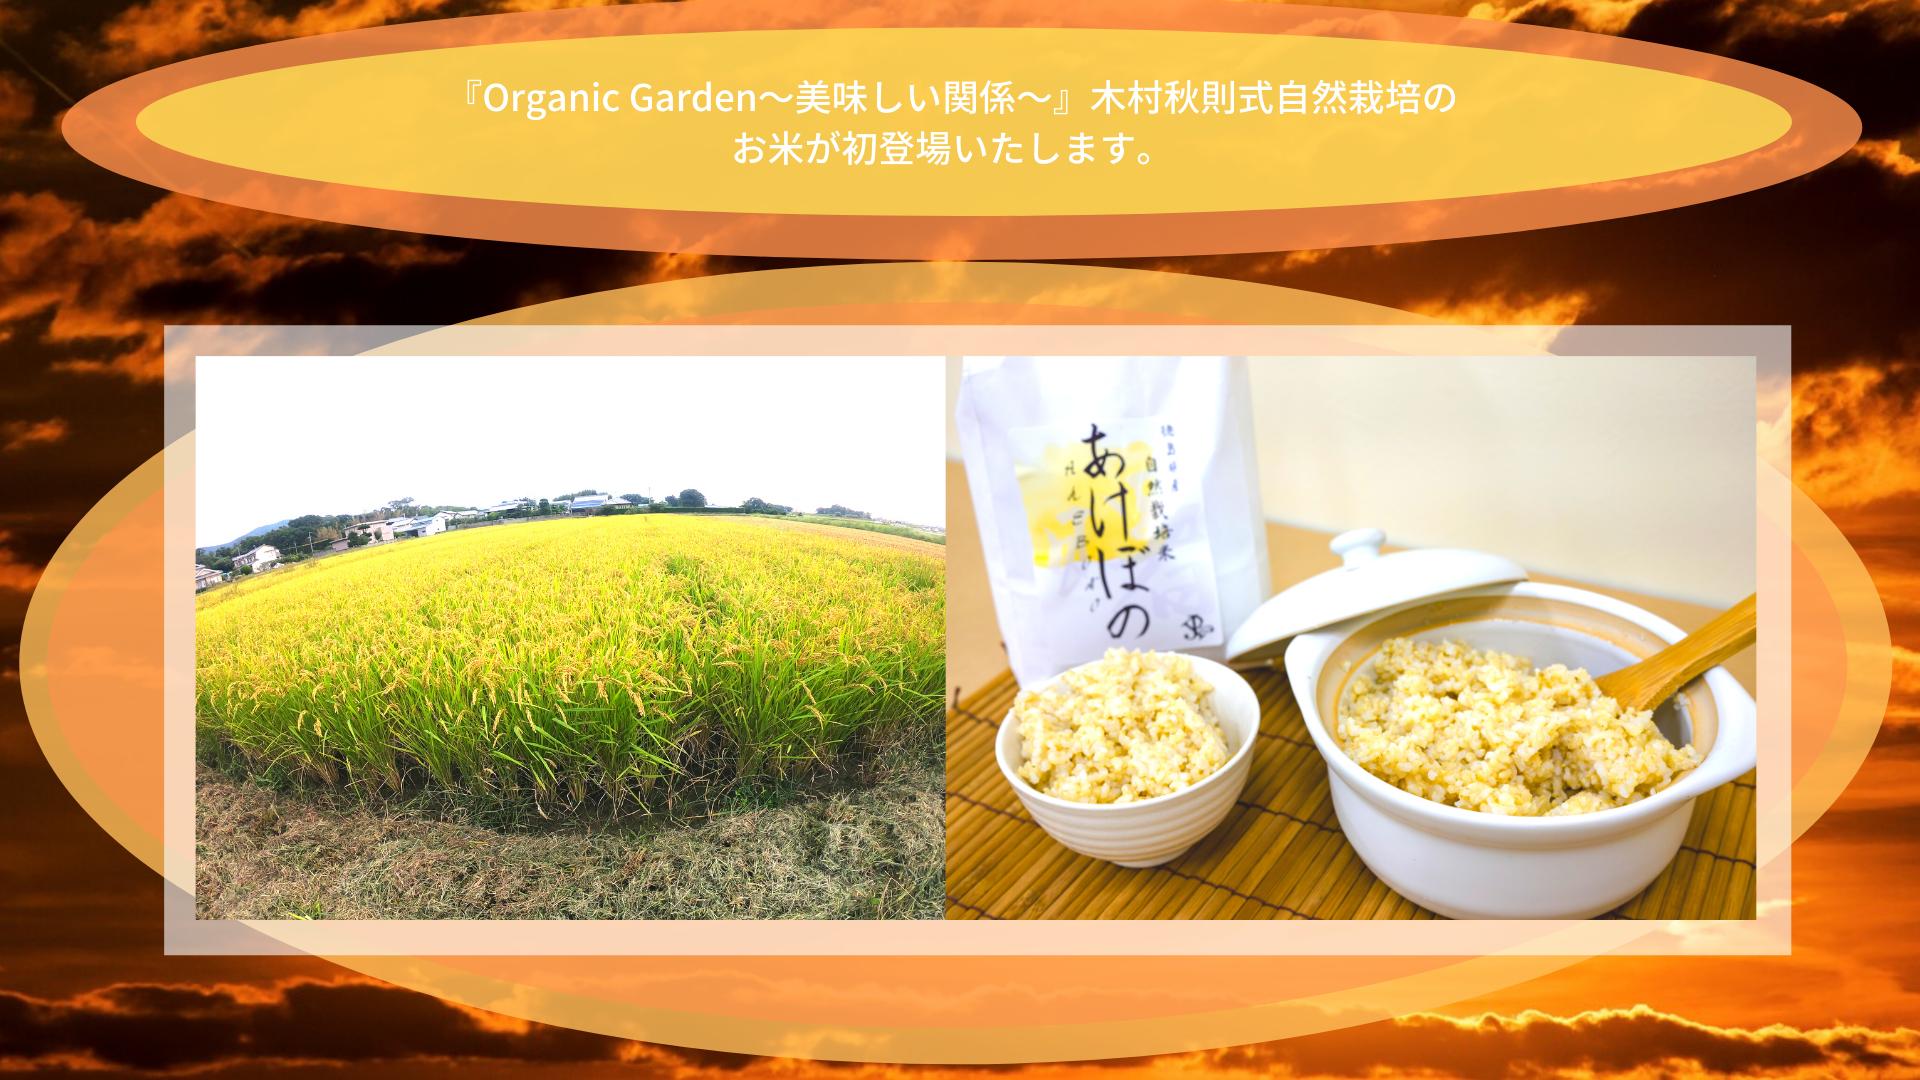 木村秋則式自然栽培にて育ったお米のご紹介